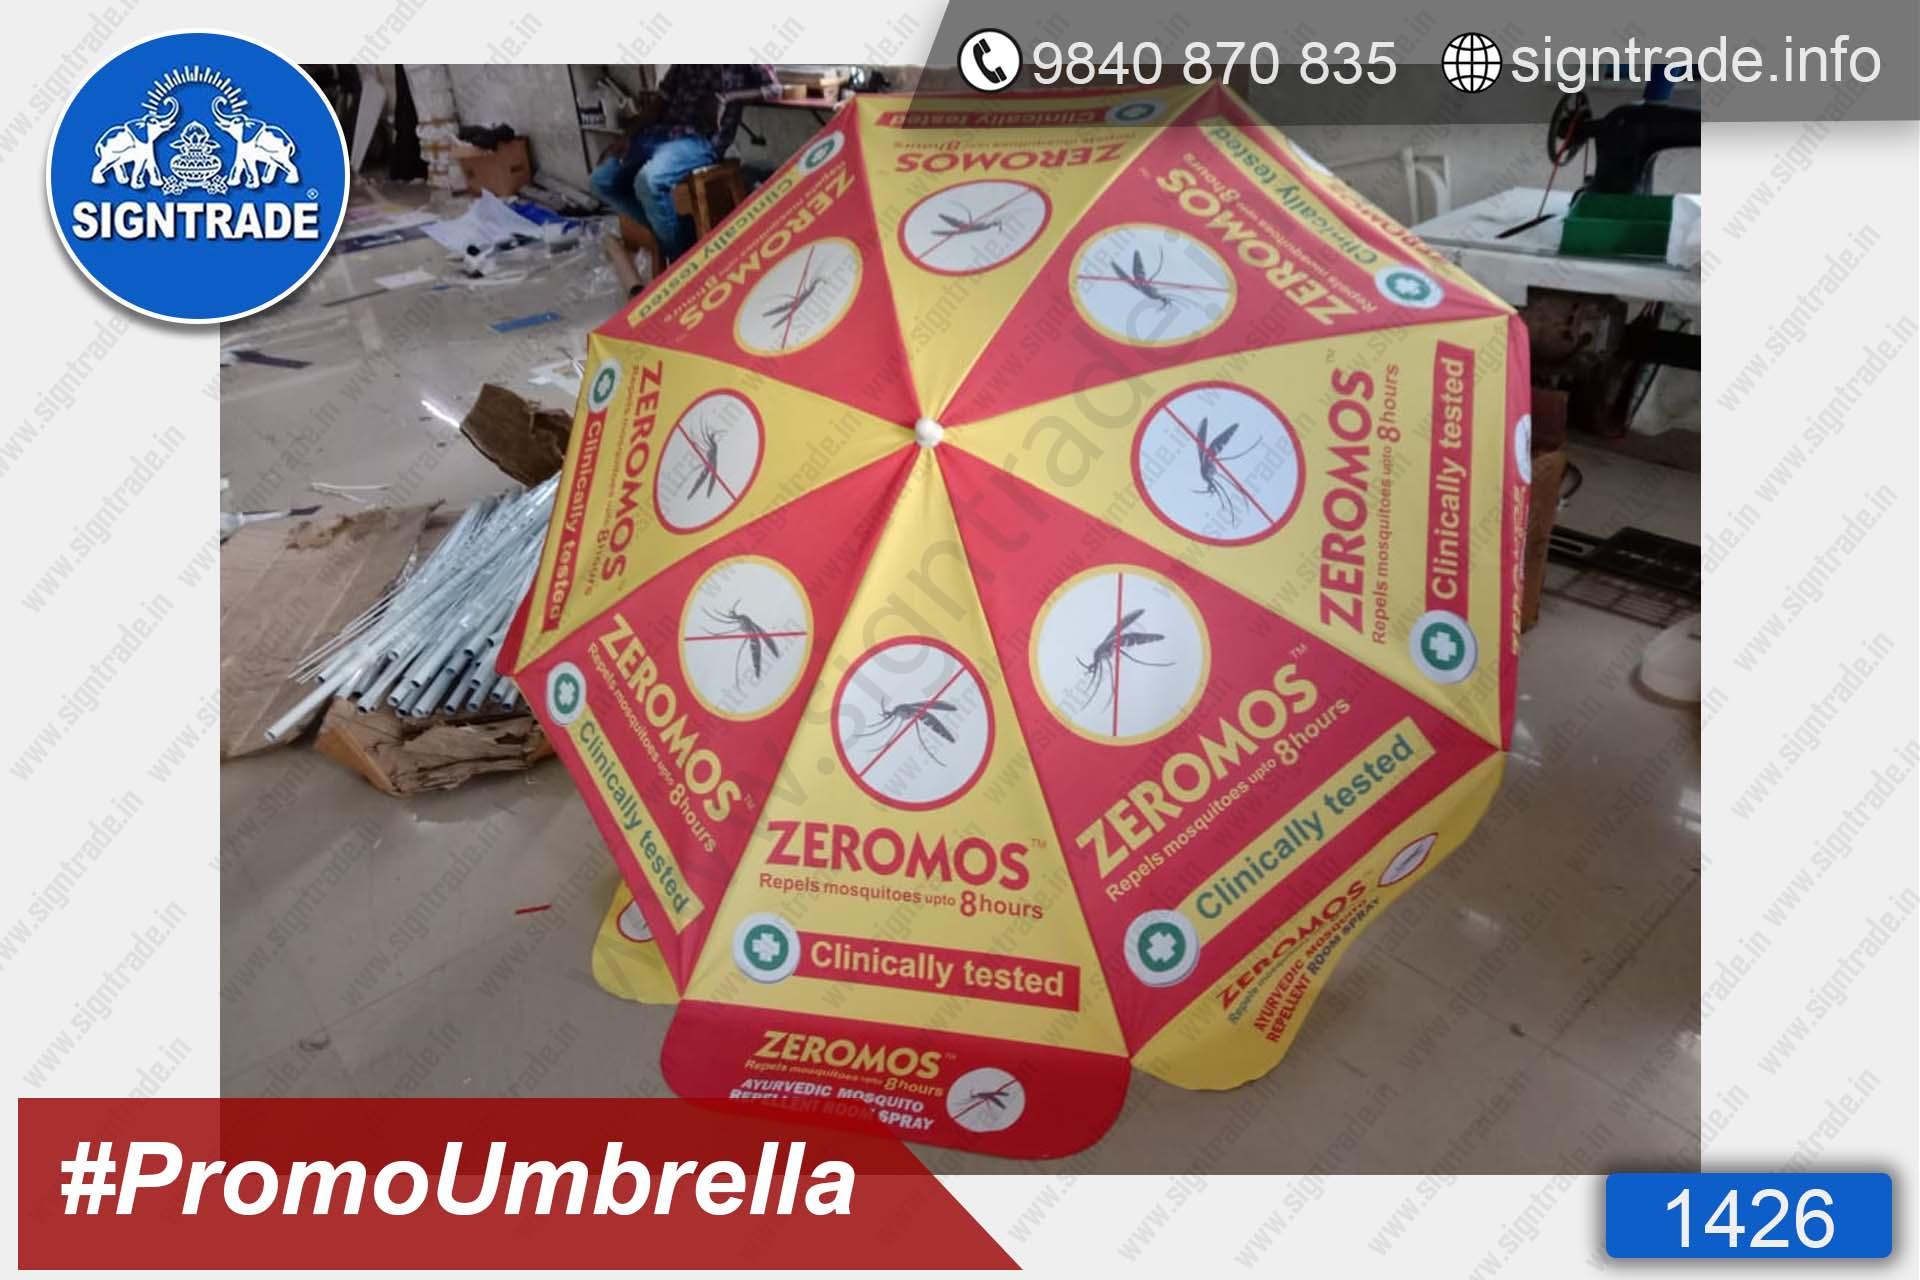 Zeromos Natural Mosquito Repellent Spray - 1426, Promotional Umbrella, Umbrella, Promo Umbrella, Advertising Umbrella, Big Umbrella, Large Umbrella, Printed Umbrella